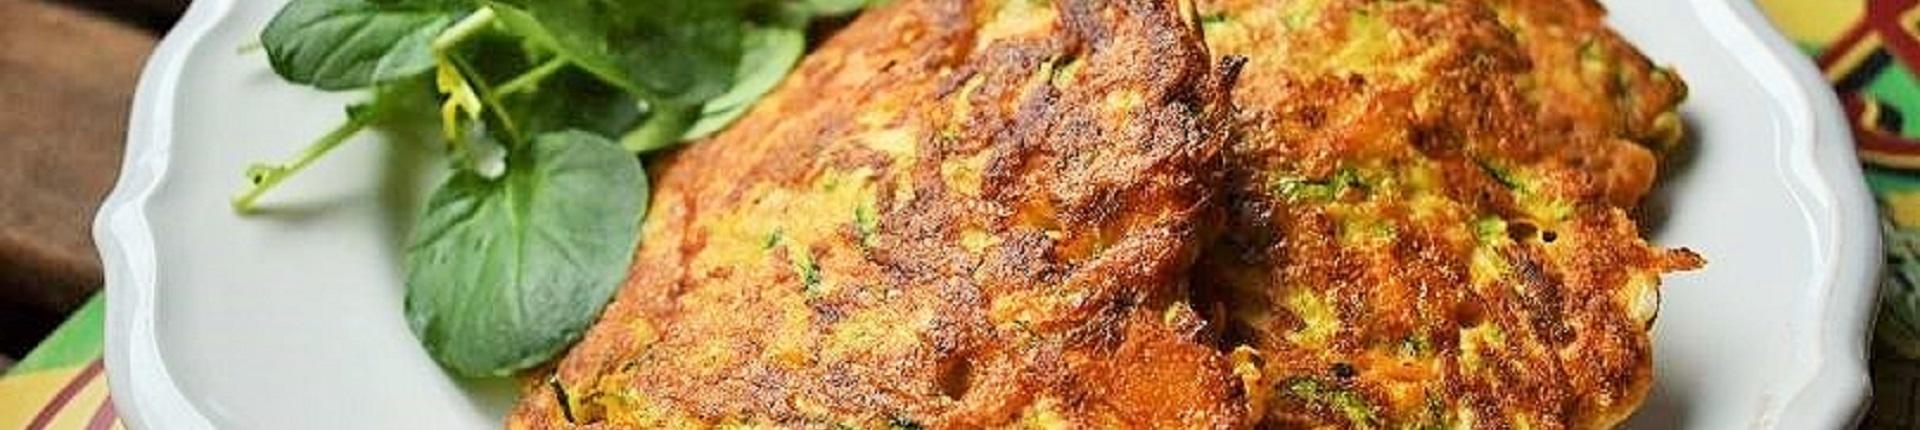 Placki warzywne z mozzarellą